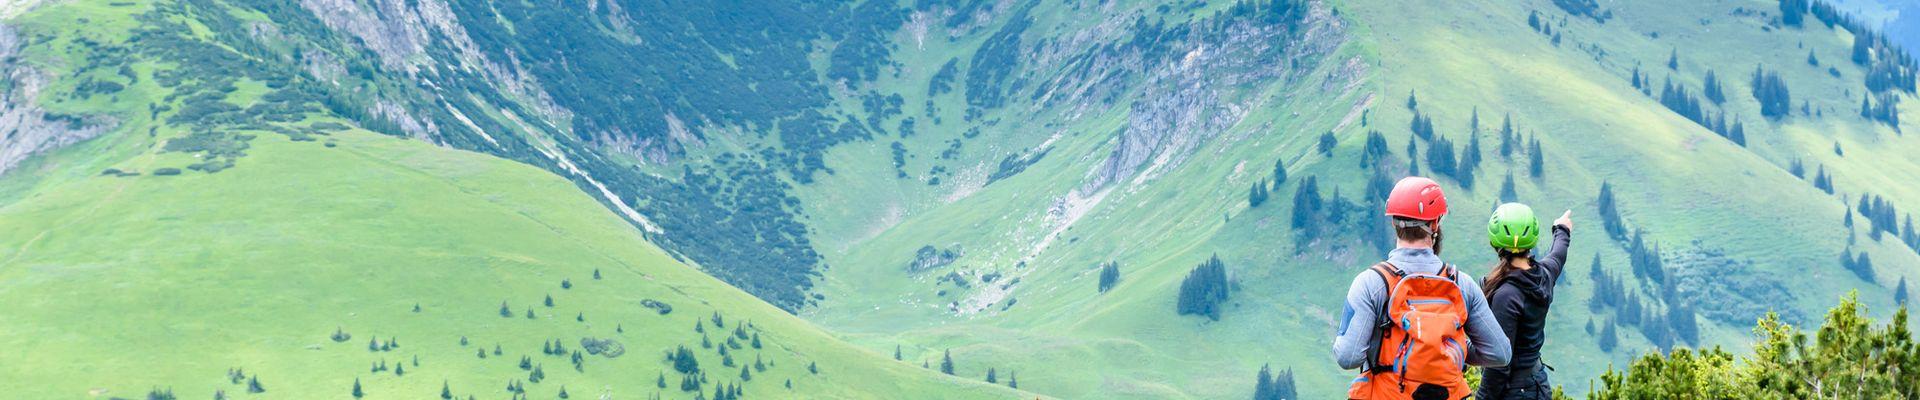 KMW Wanderurlaub